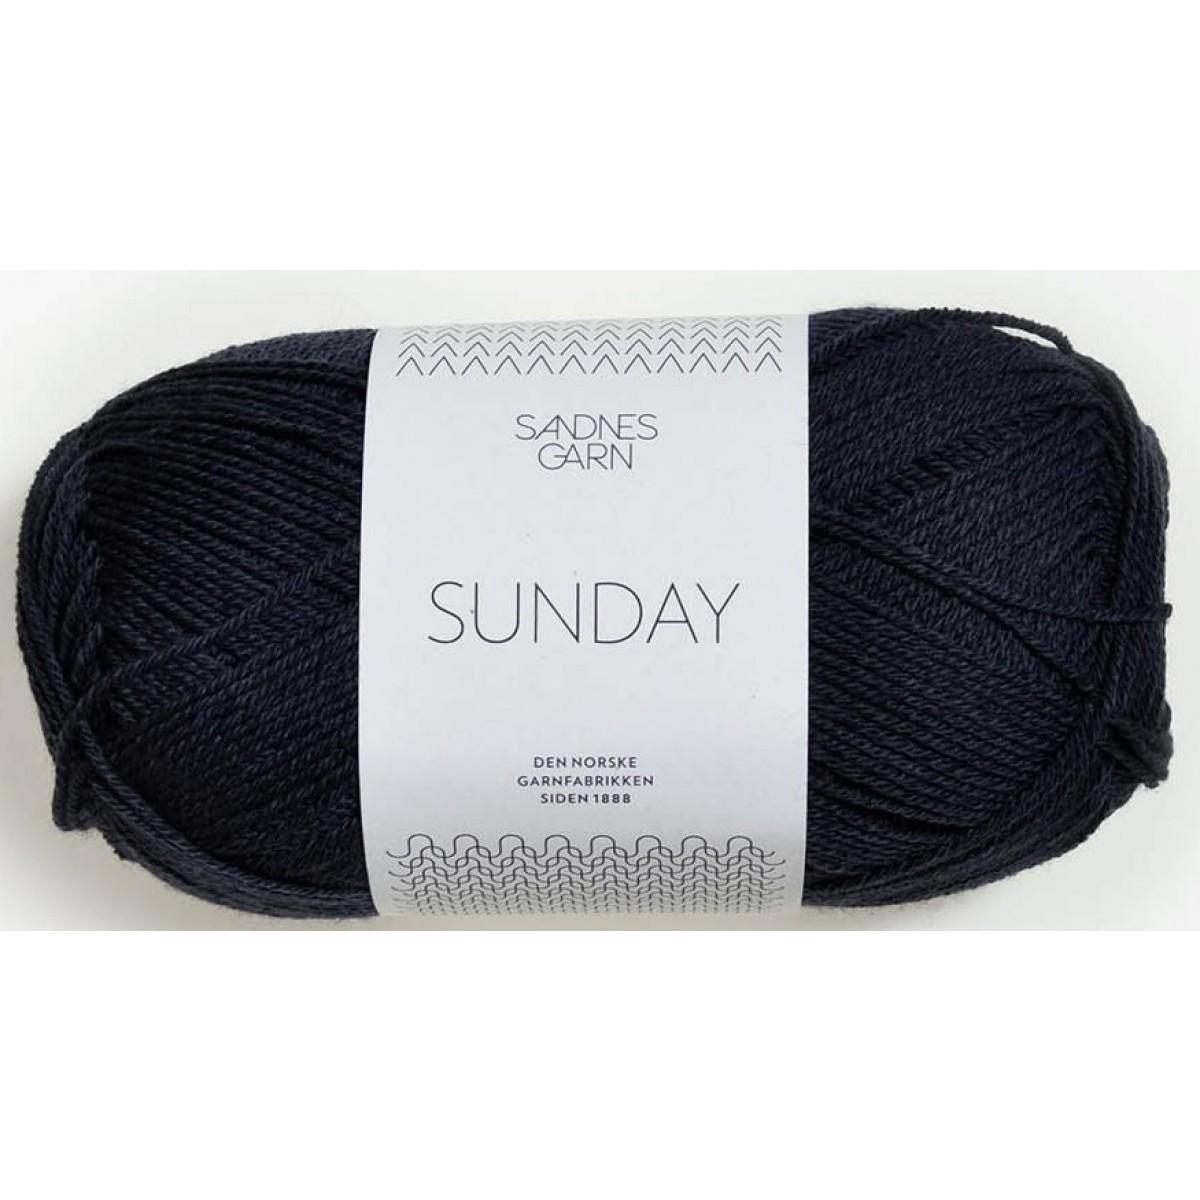 Monday Suit - Petite Knit